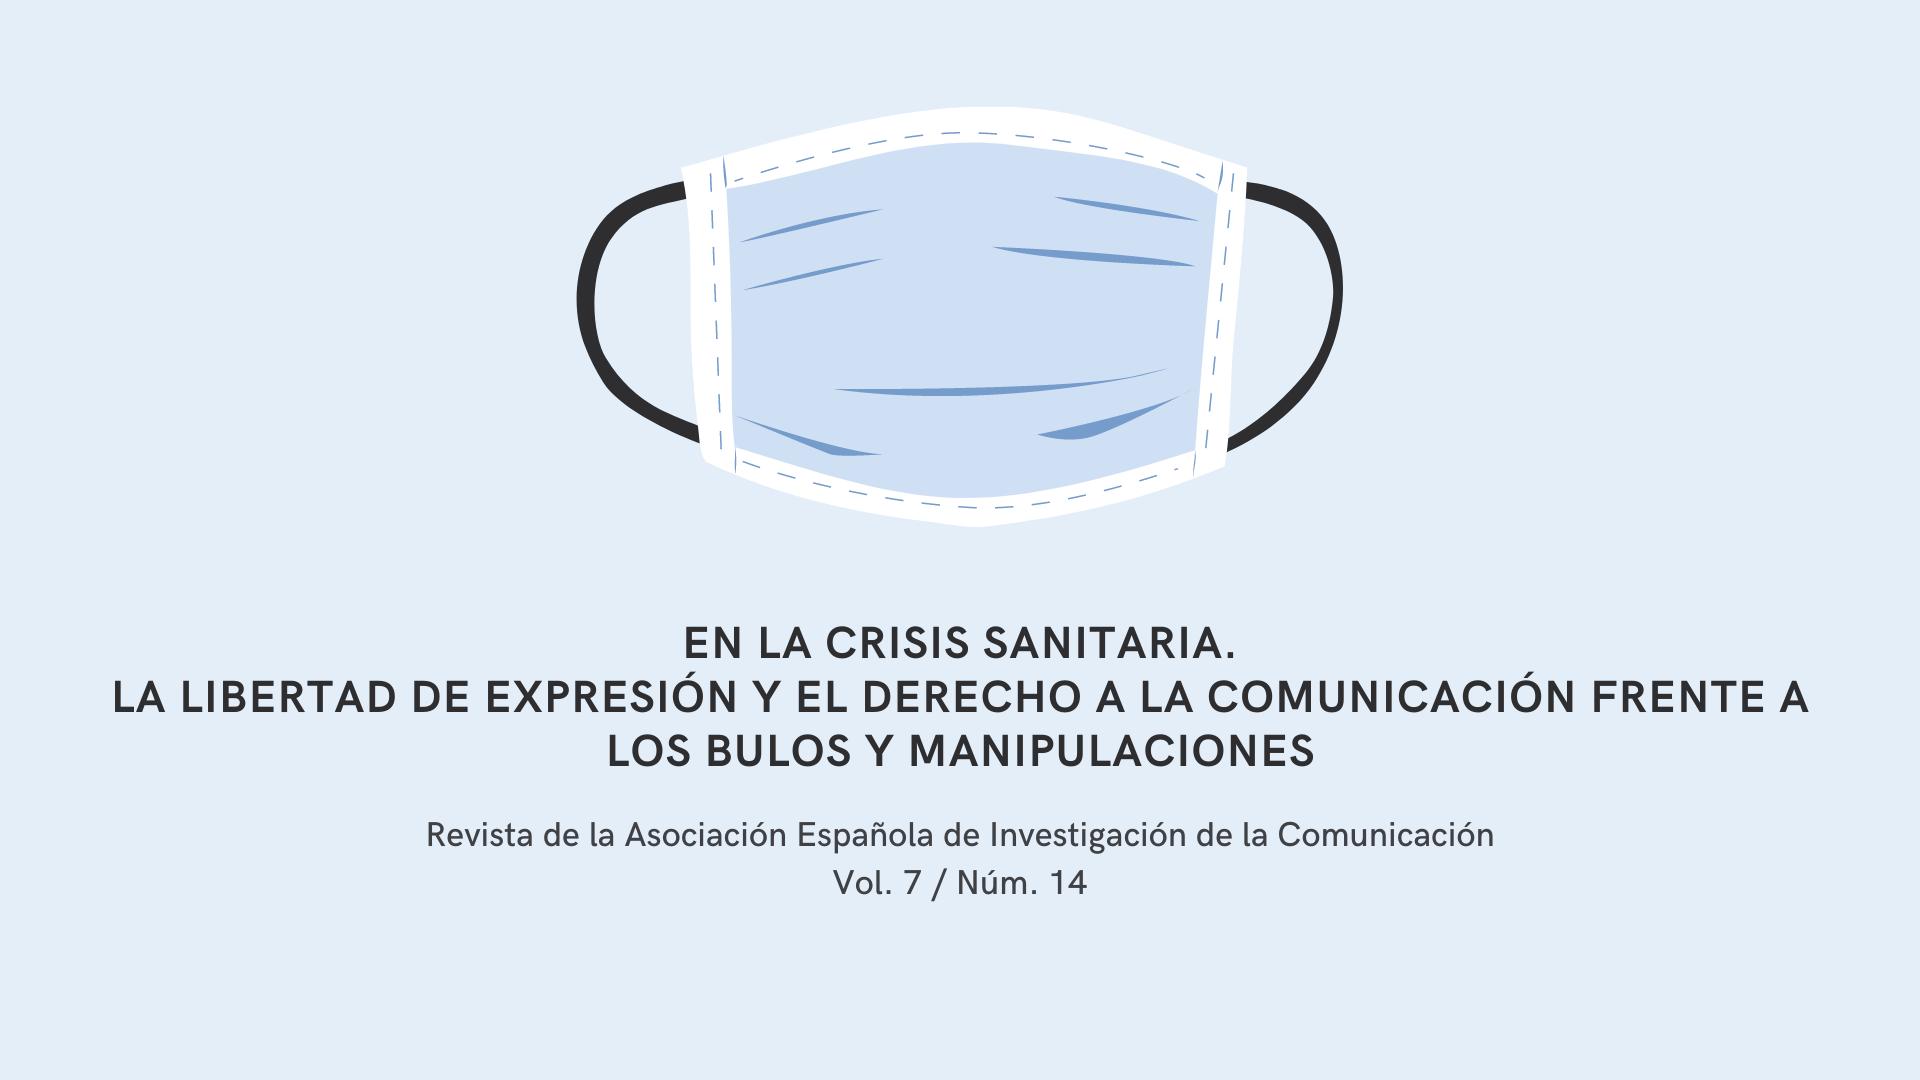 En la crisis sanitaria. La libertad de expresión y el derecho a la comunicación frente a los bulos y manipulaciones